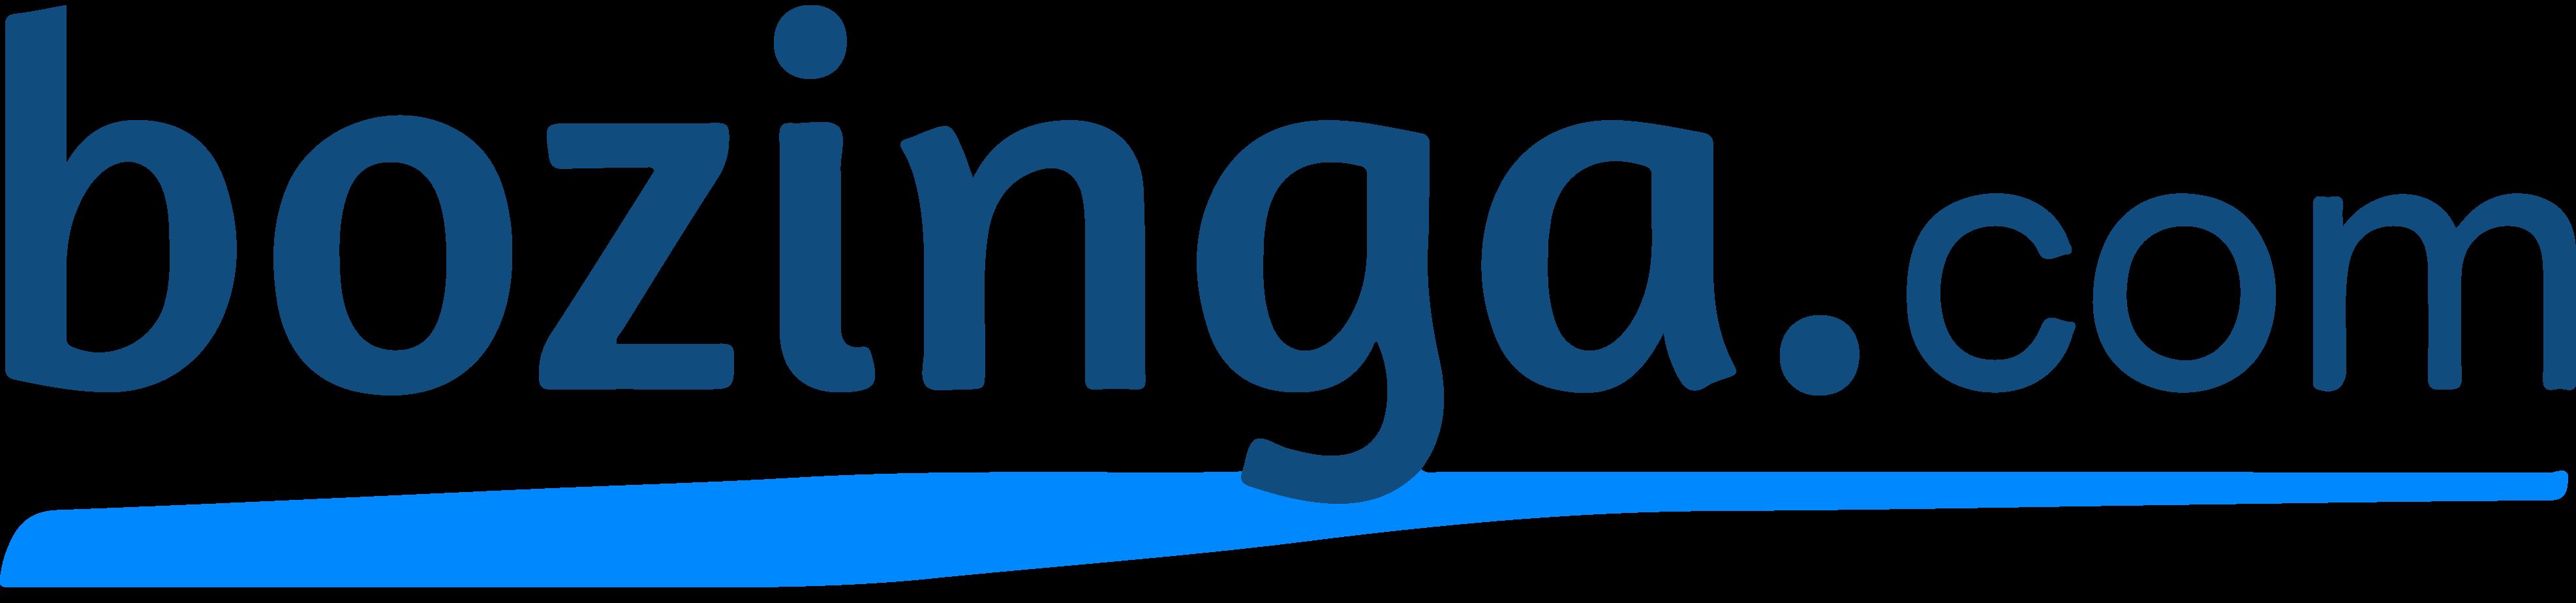 Bozinga.com